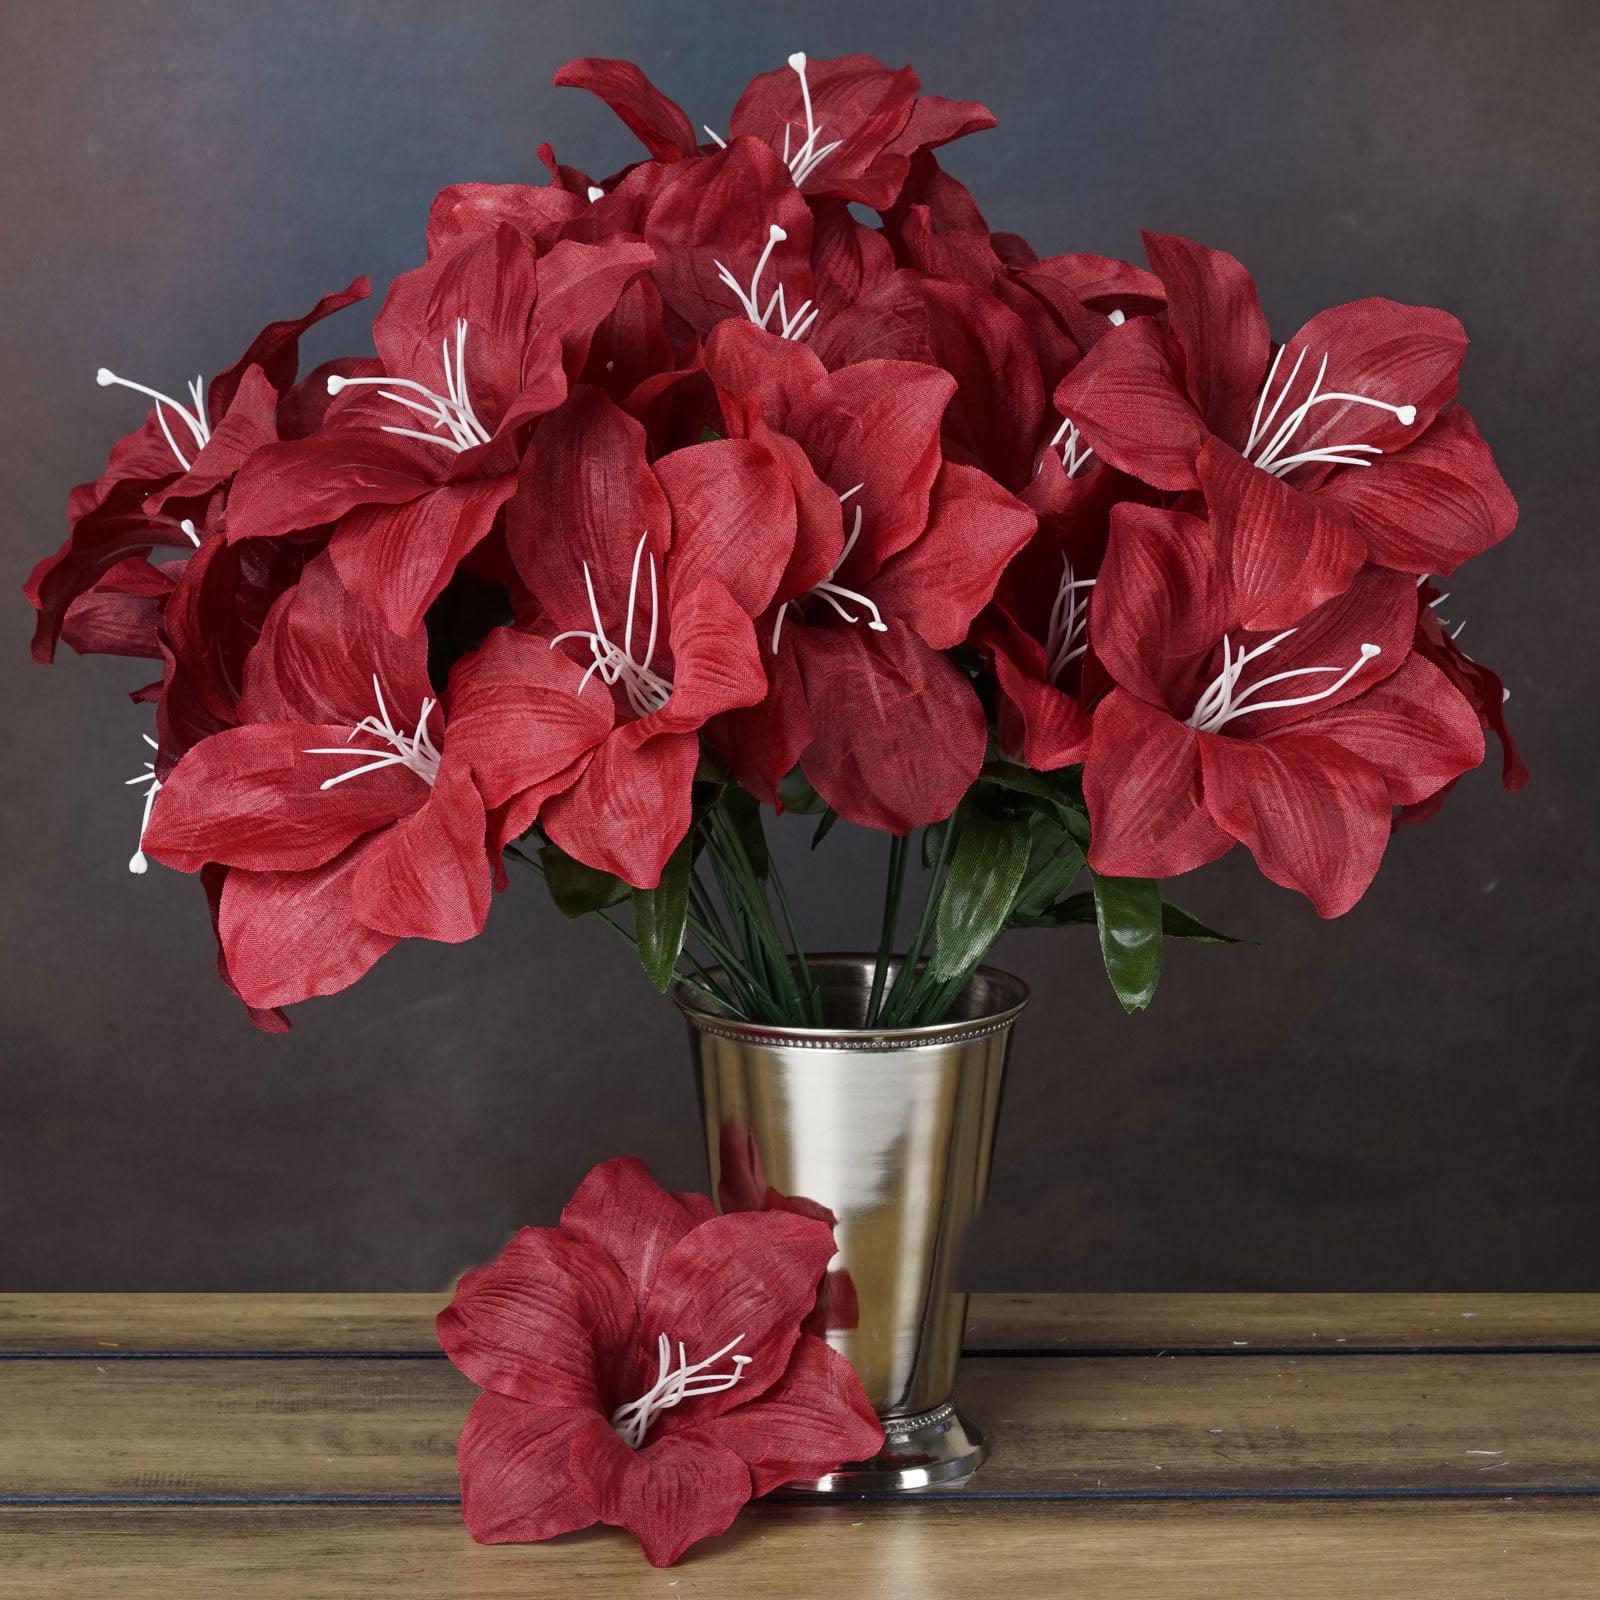 Efavormart 60 Easter Artificial Lilies for DIY Wedding Bouquets Centerpieces Arrangements Party Home Decorations Wholesale Supplies